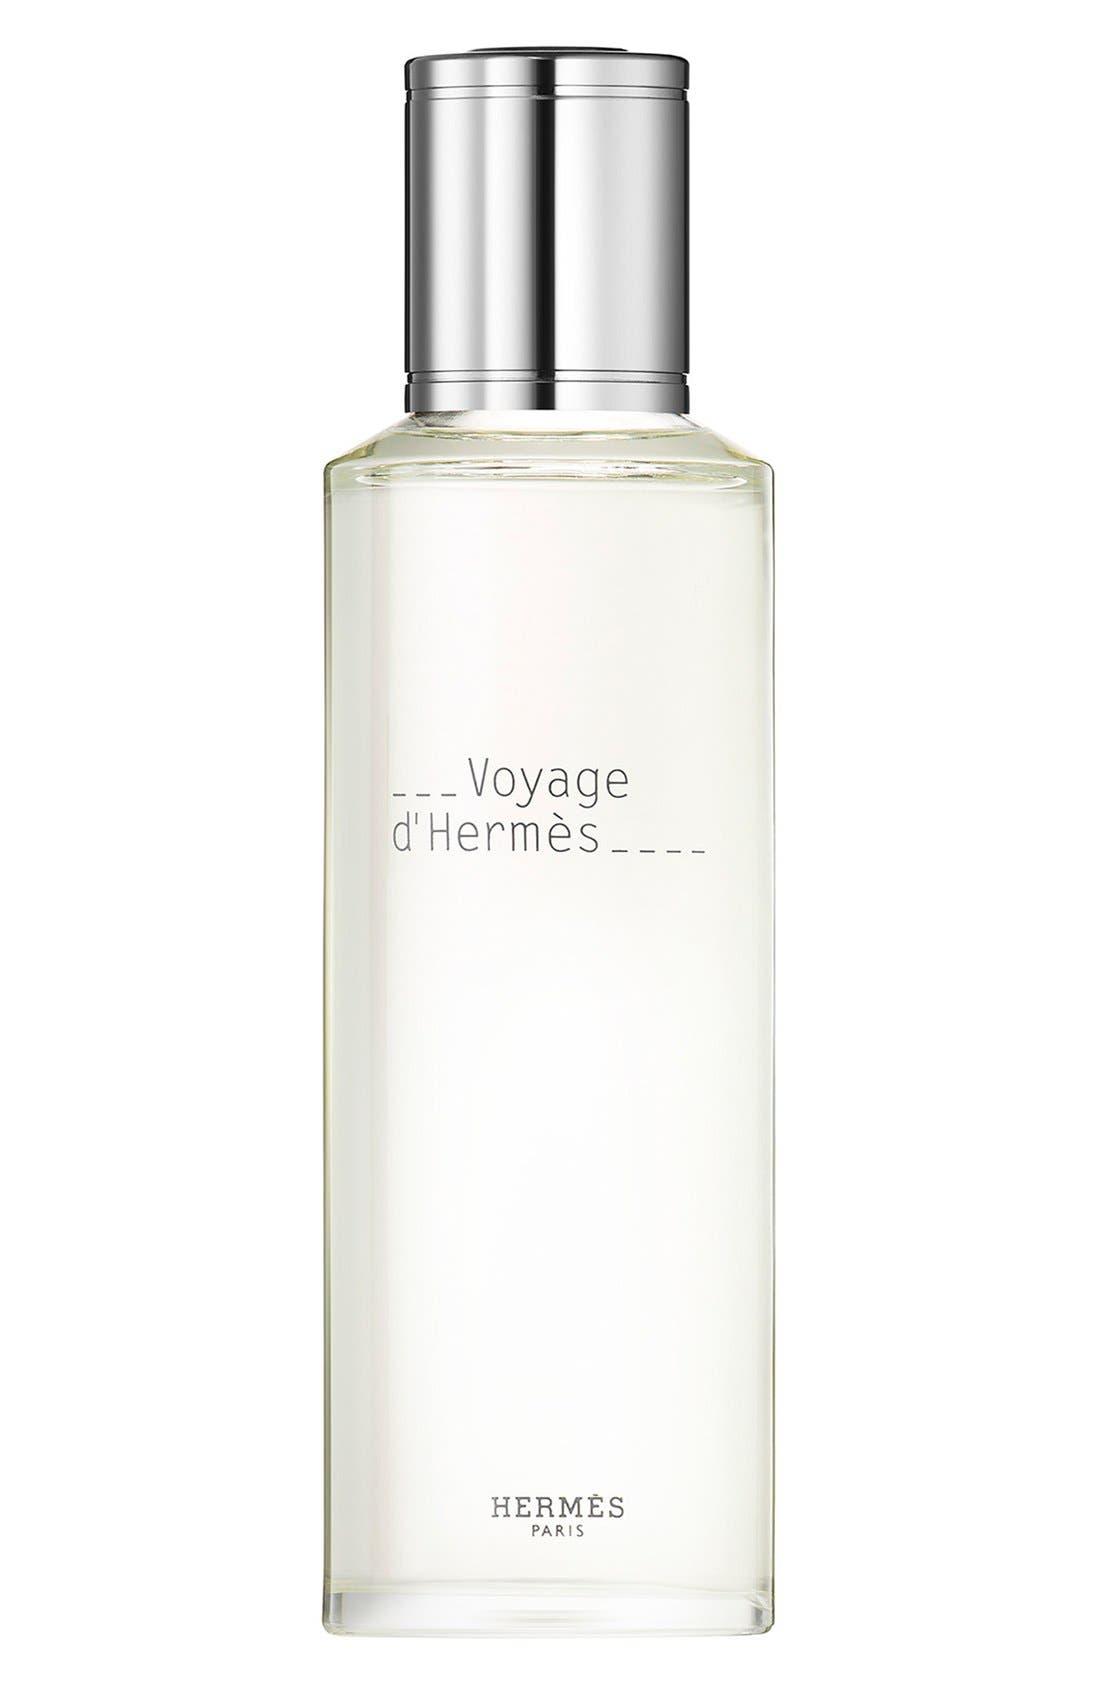 Hermès Voyage d'Hermès - Pure perfume refill,                         Main,                         color, 000